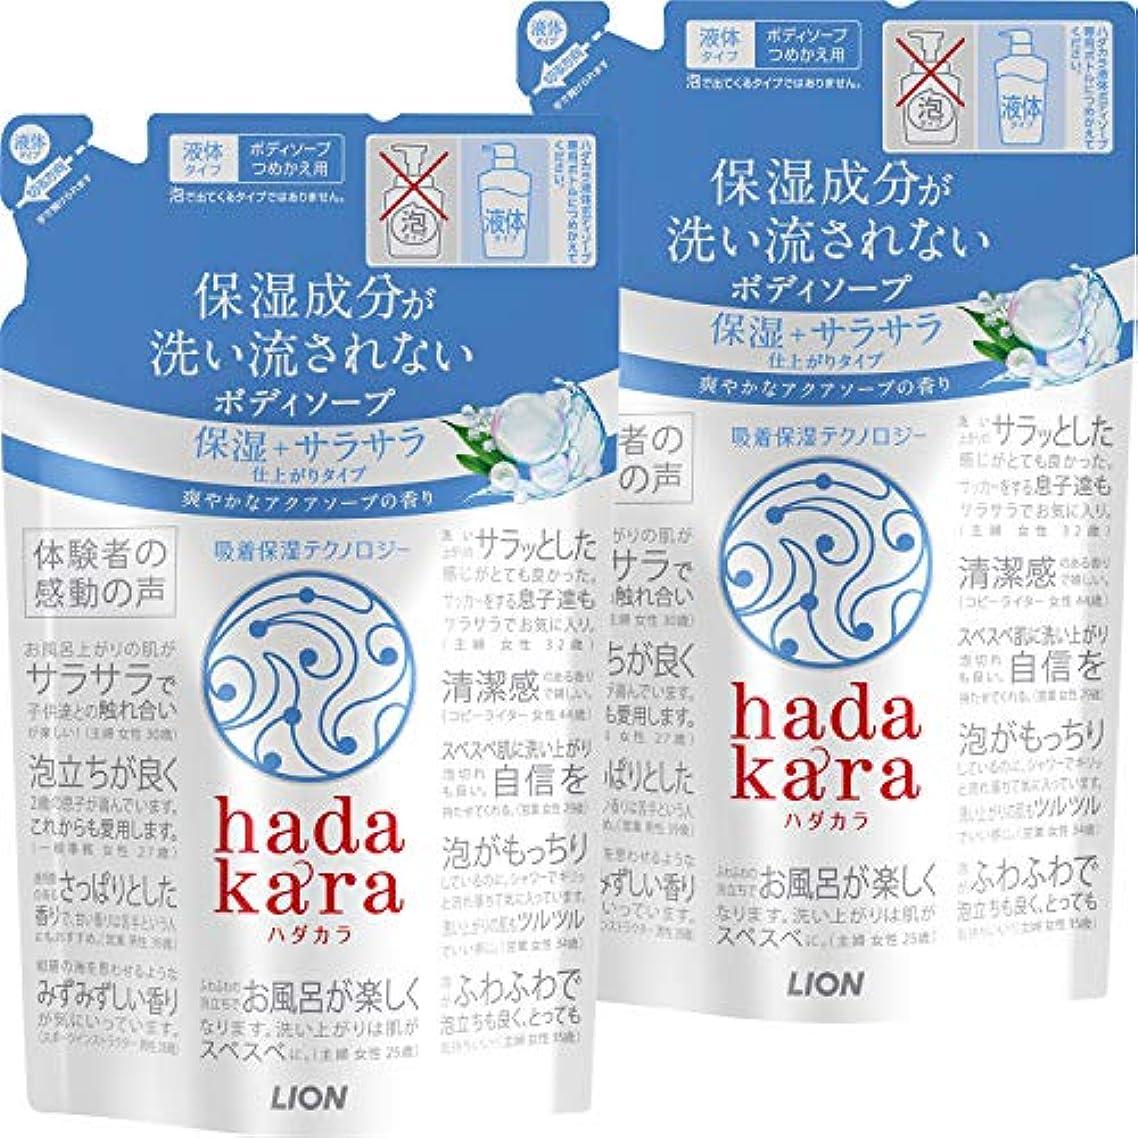 閉塞全く発信【まとめ買い】hadakara(ハダカラ) ボディソープ 保湿+サラサラ仕上がりタイプ アクアソープの香り 詰め替え 340ml×2個パック